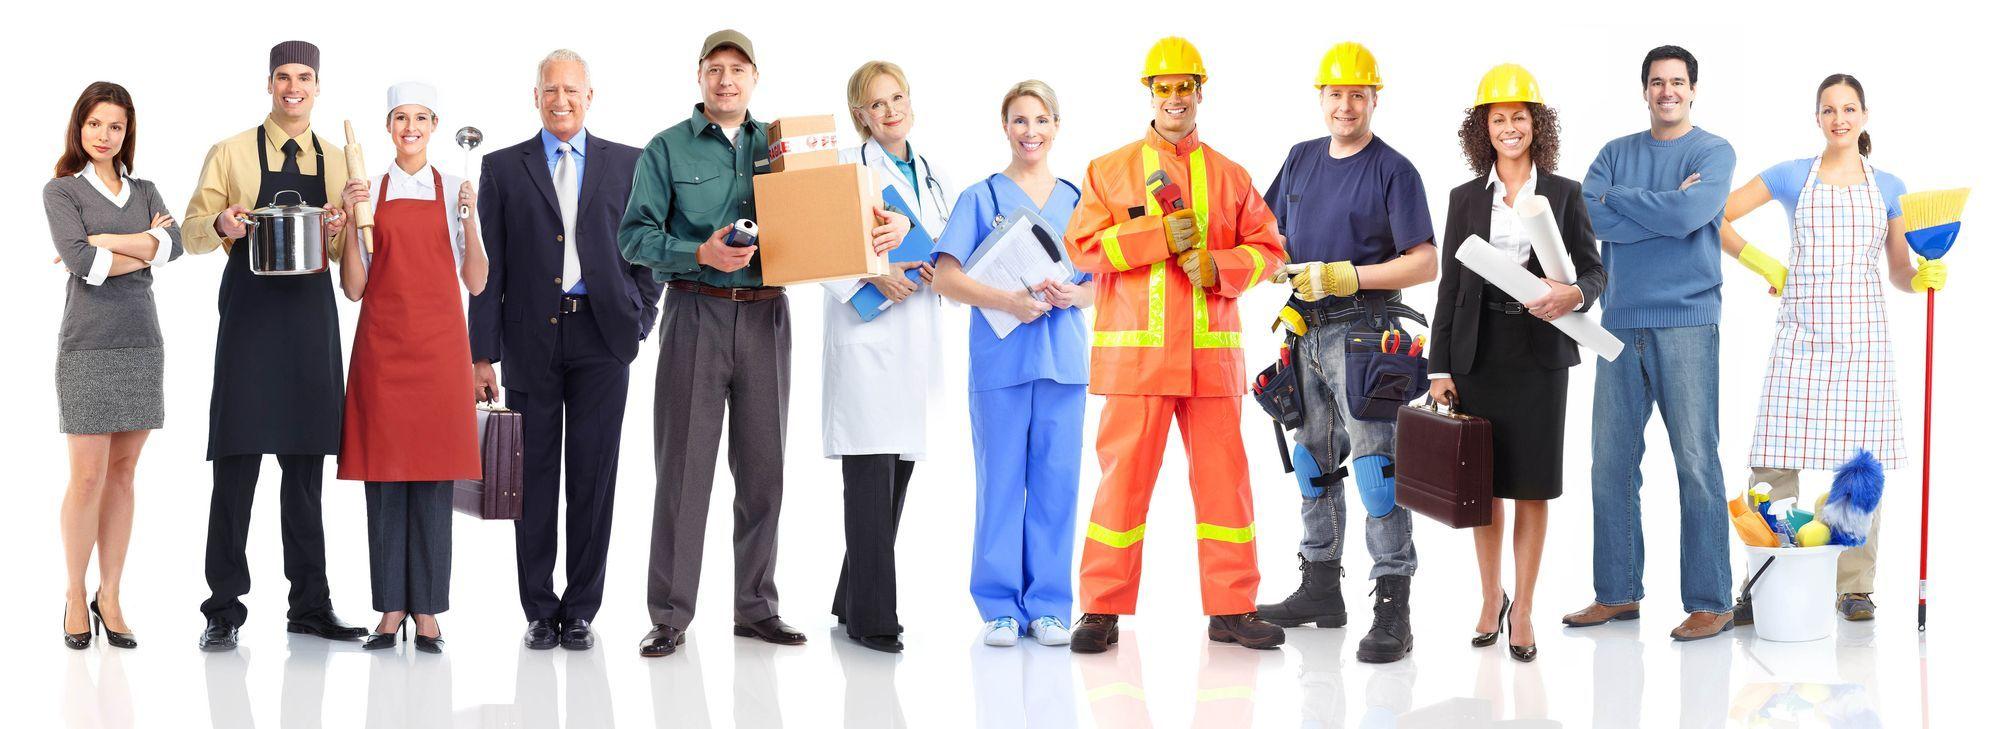 Berufe Bilder  Pixabay  Kostenlose Bilder herunterladen